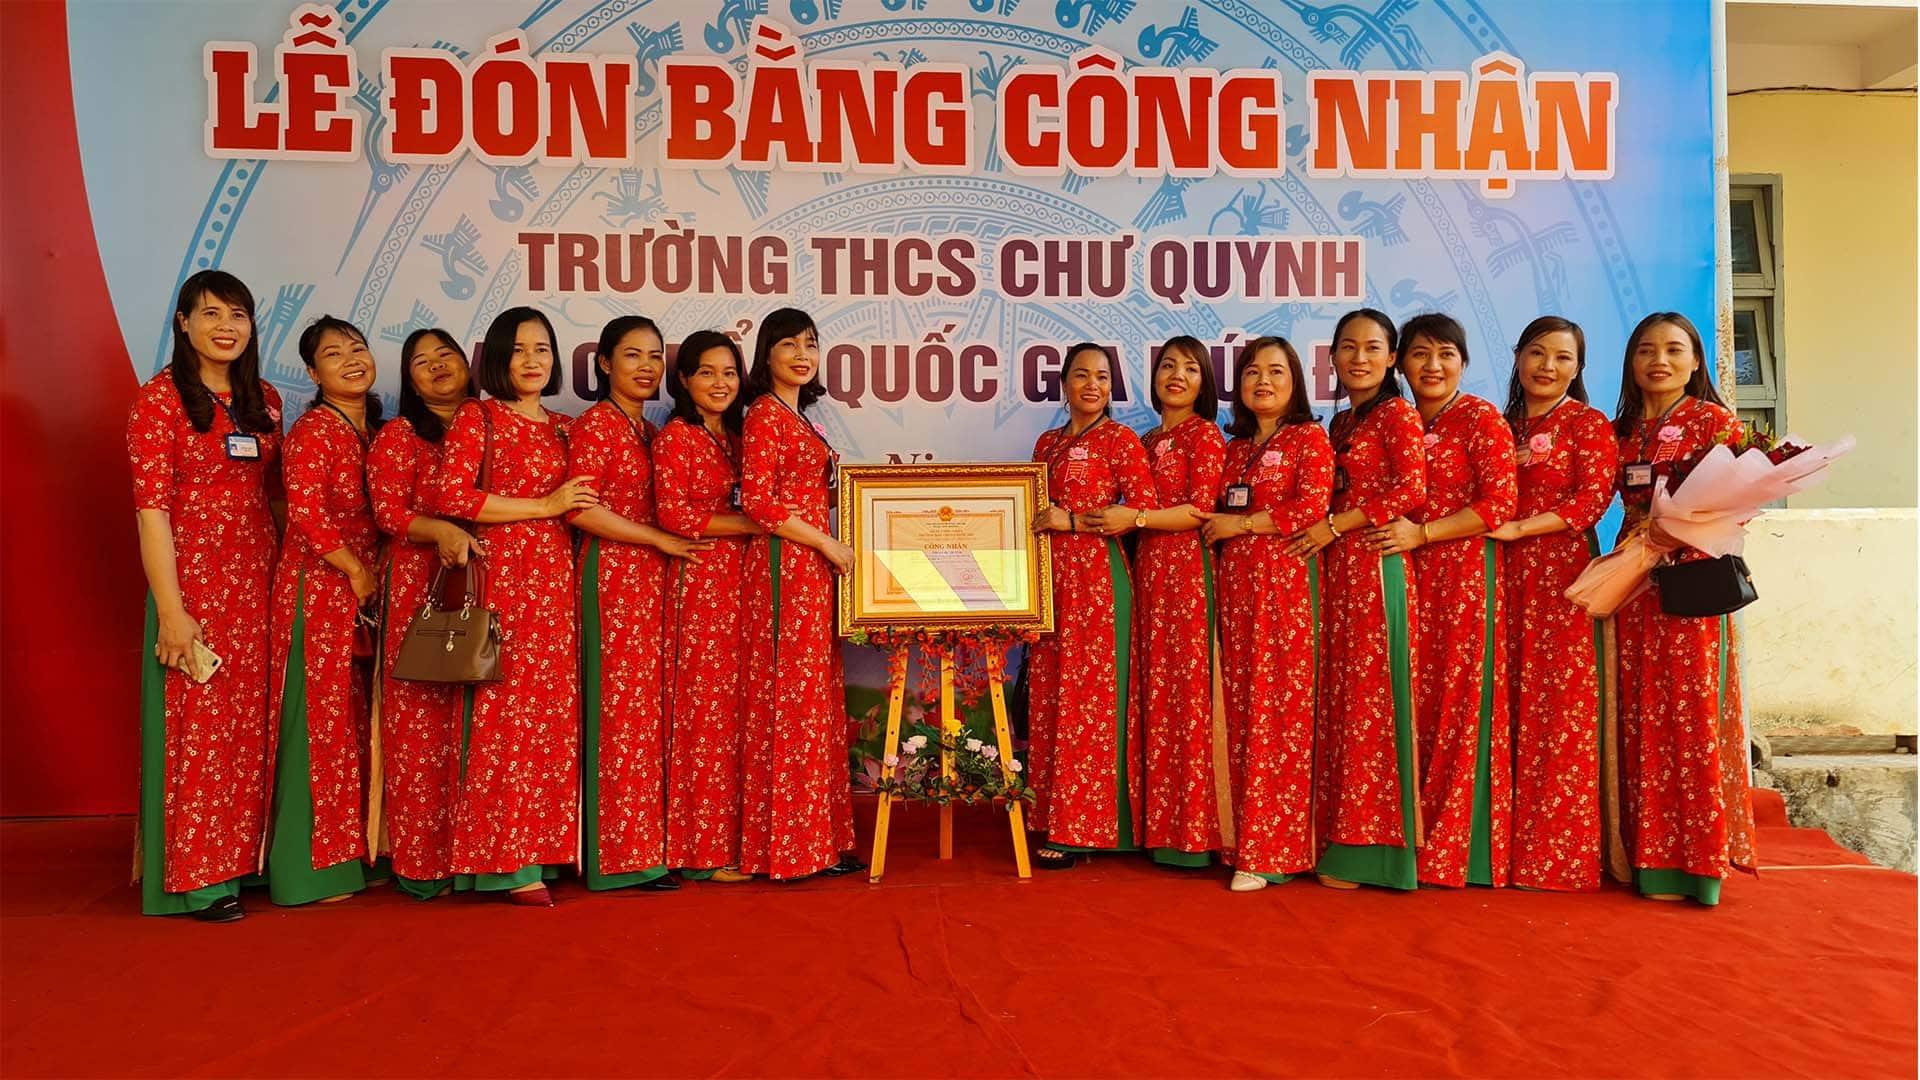 Giáo viên nữ THCS Chư Quynh